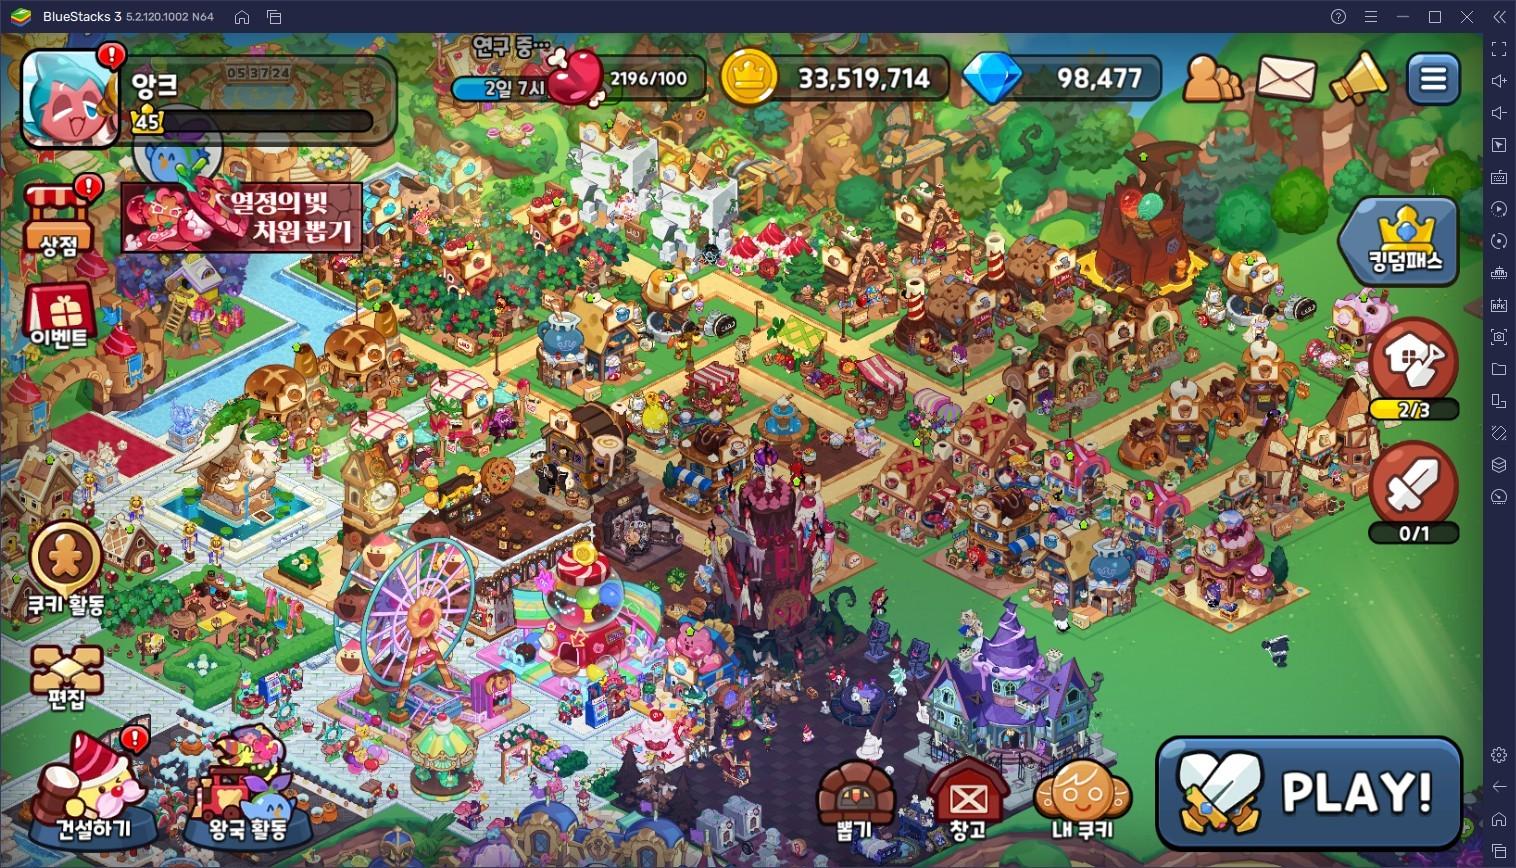 유저들이 쿠키런 킹덤을 좋아하는 이유는 뭘까? 한 번 알아보고 블루스택으로 왕국 생활을 즐겨보세요!